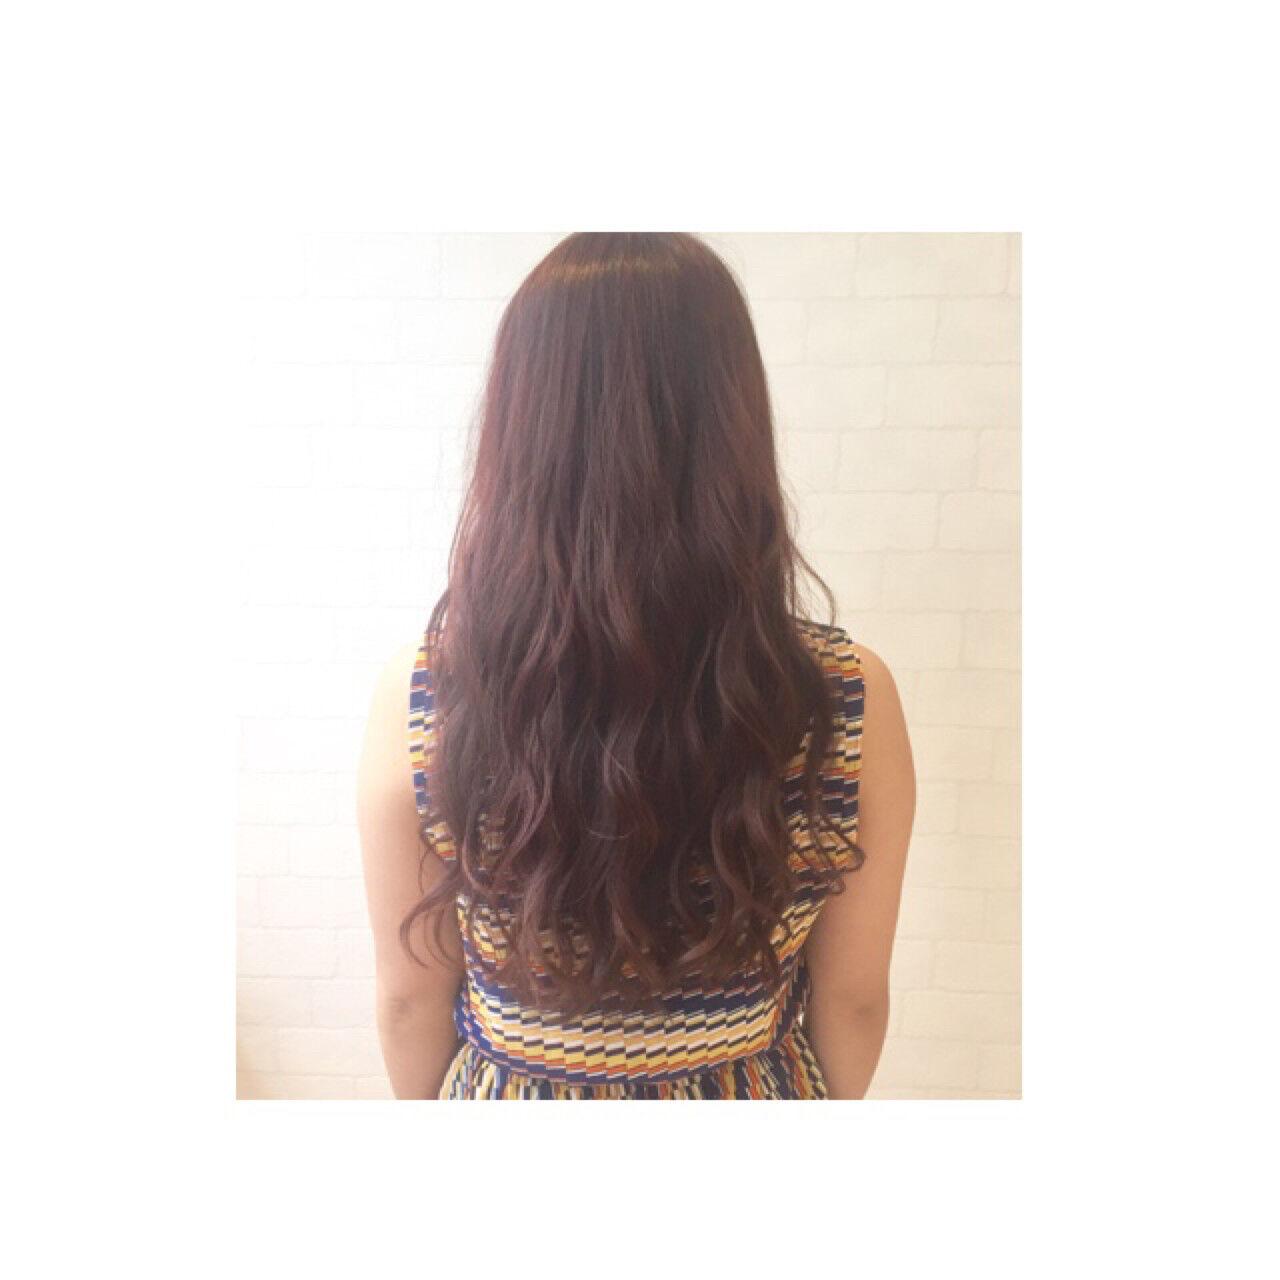 ナチュラル グラデーションカラー セミロング 大人かわいいヘアスタイルや髪型の写真・画像